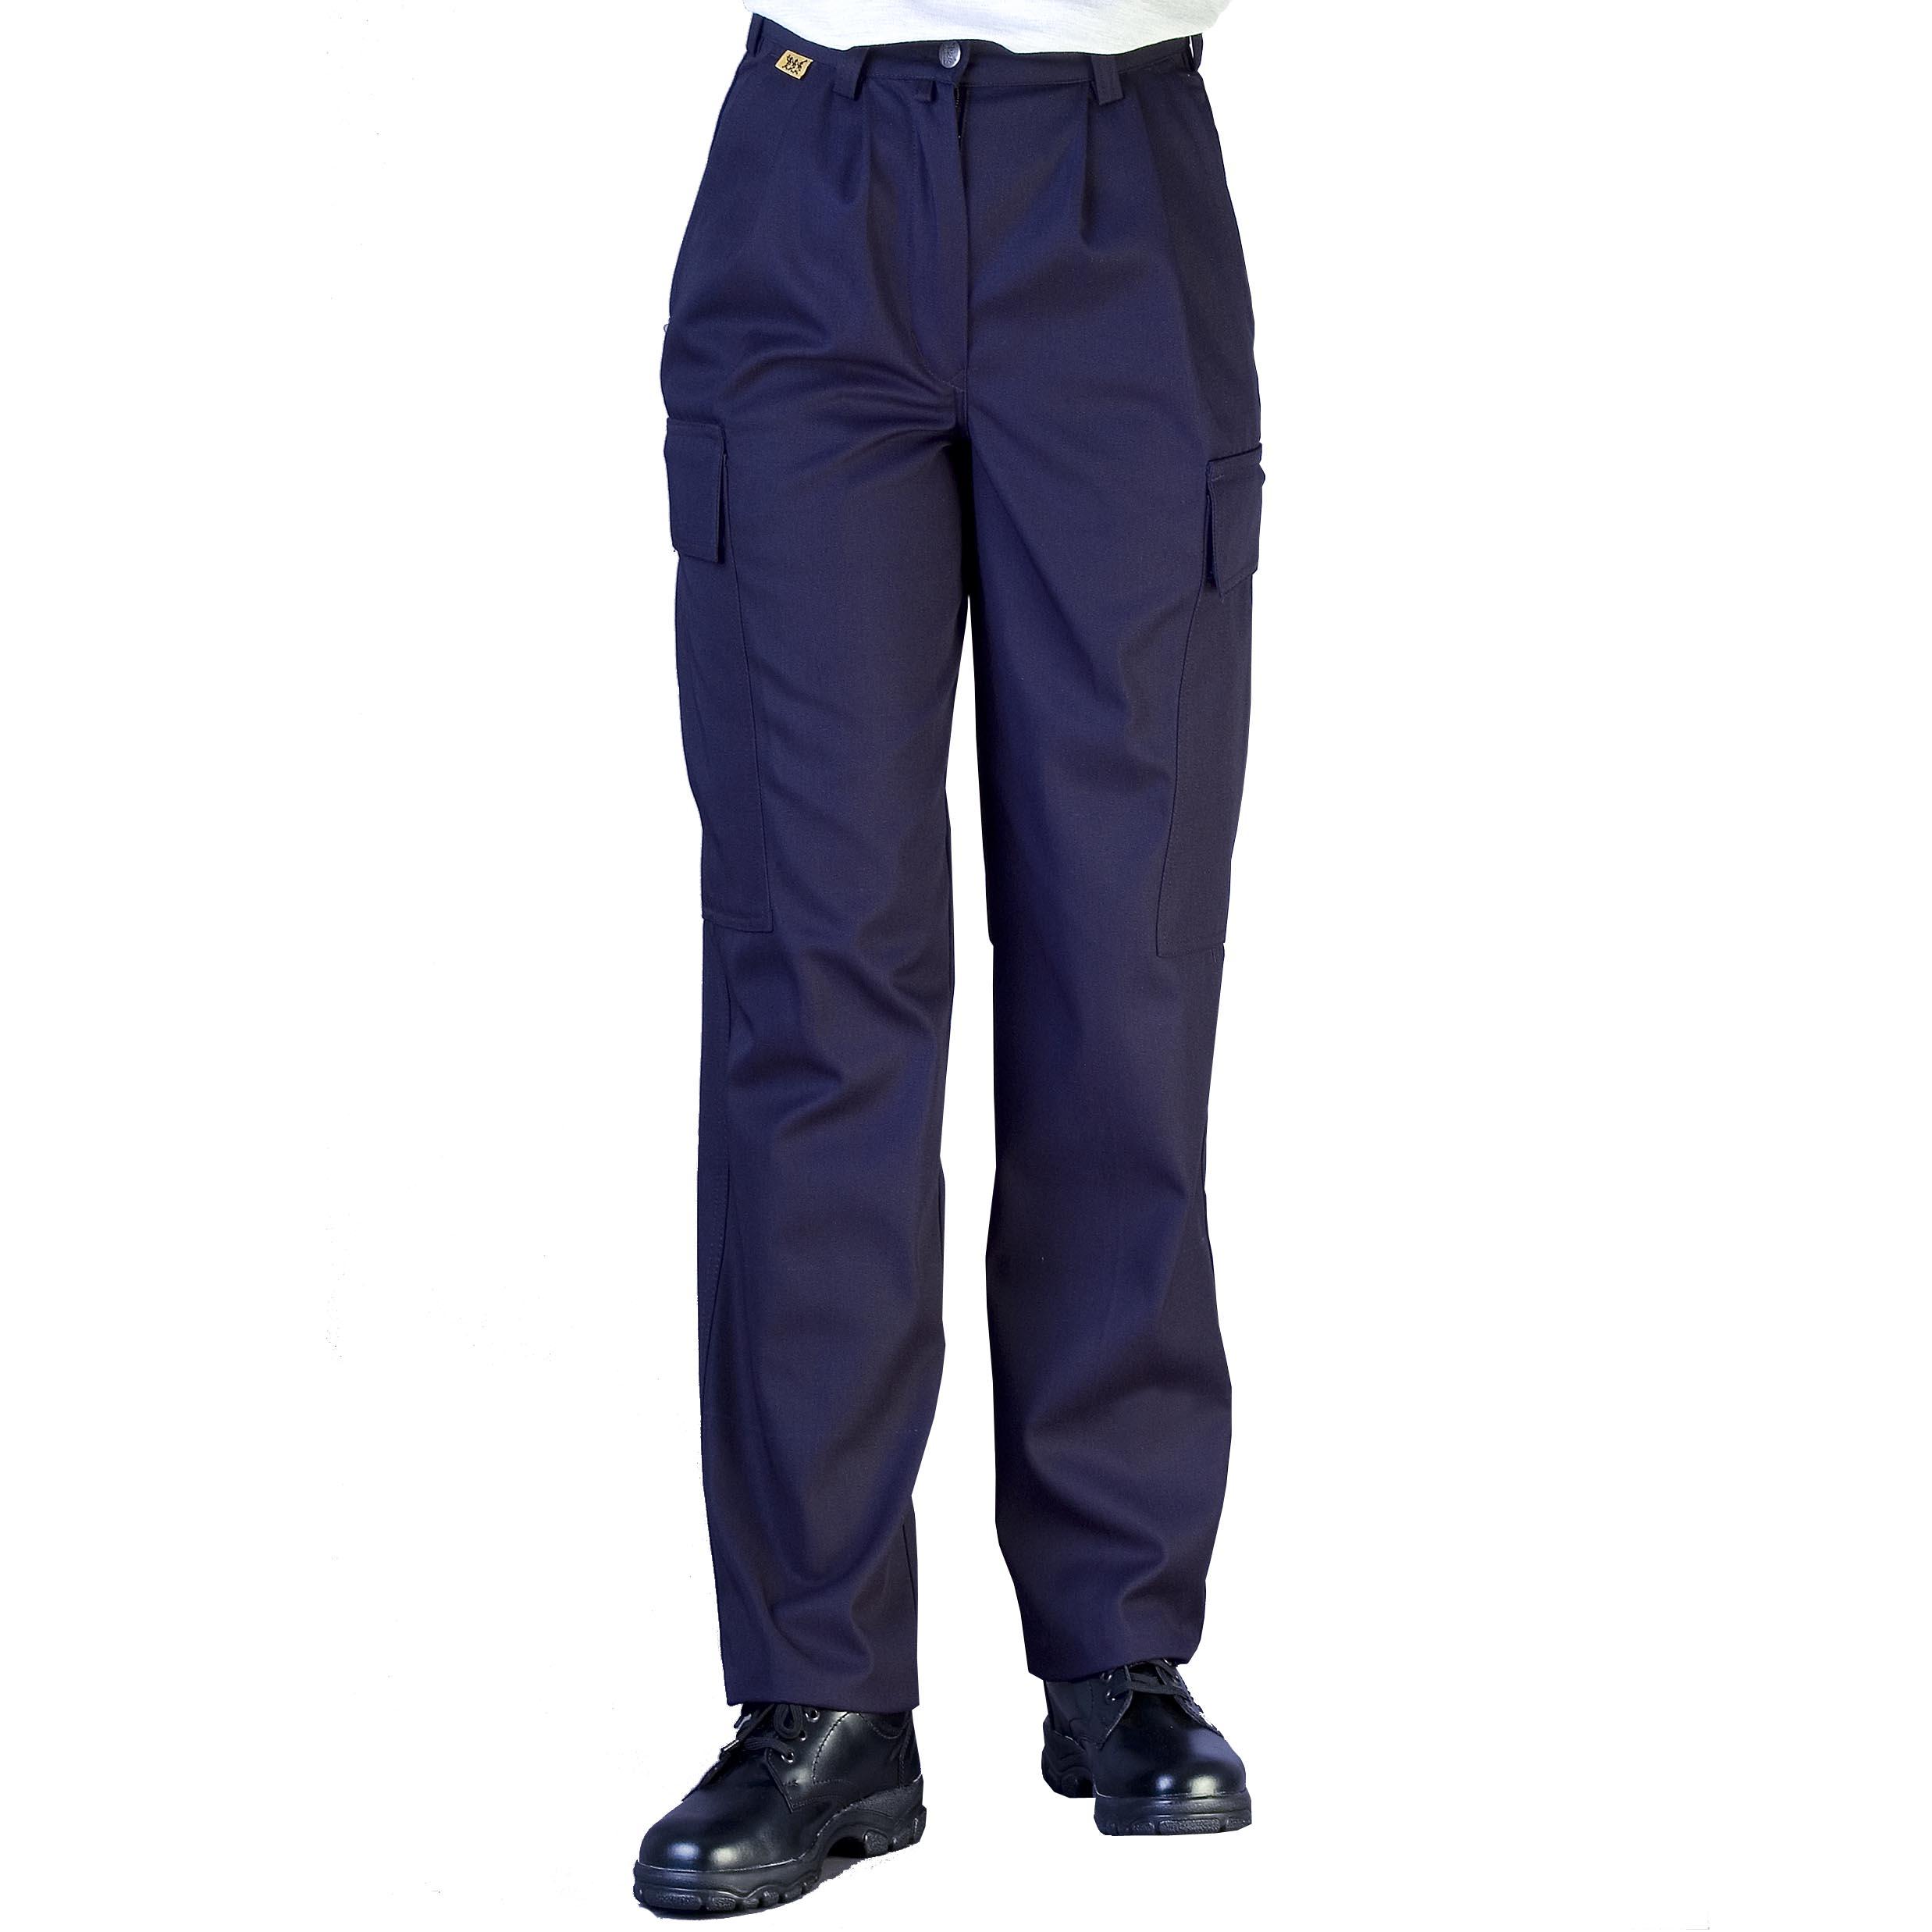 Damen-Bundhose AERO, Schenkeltaschen